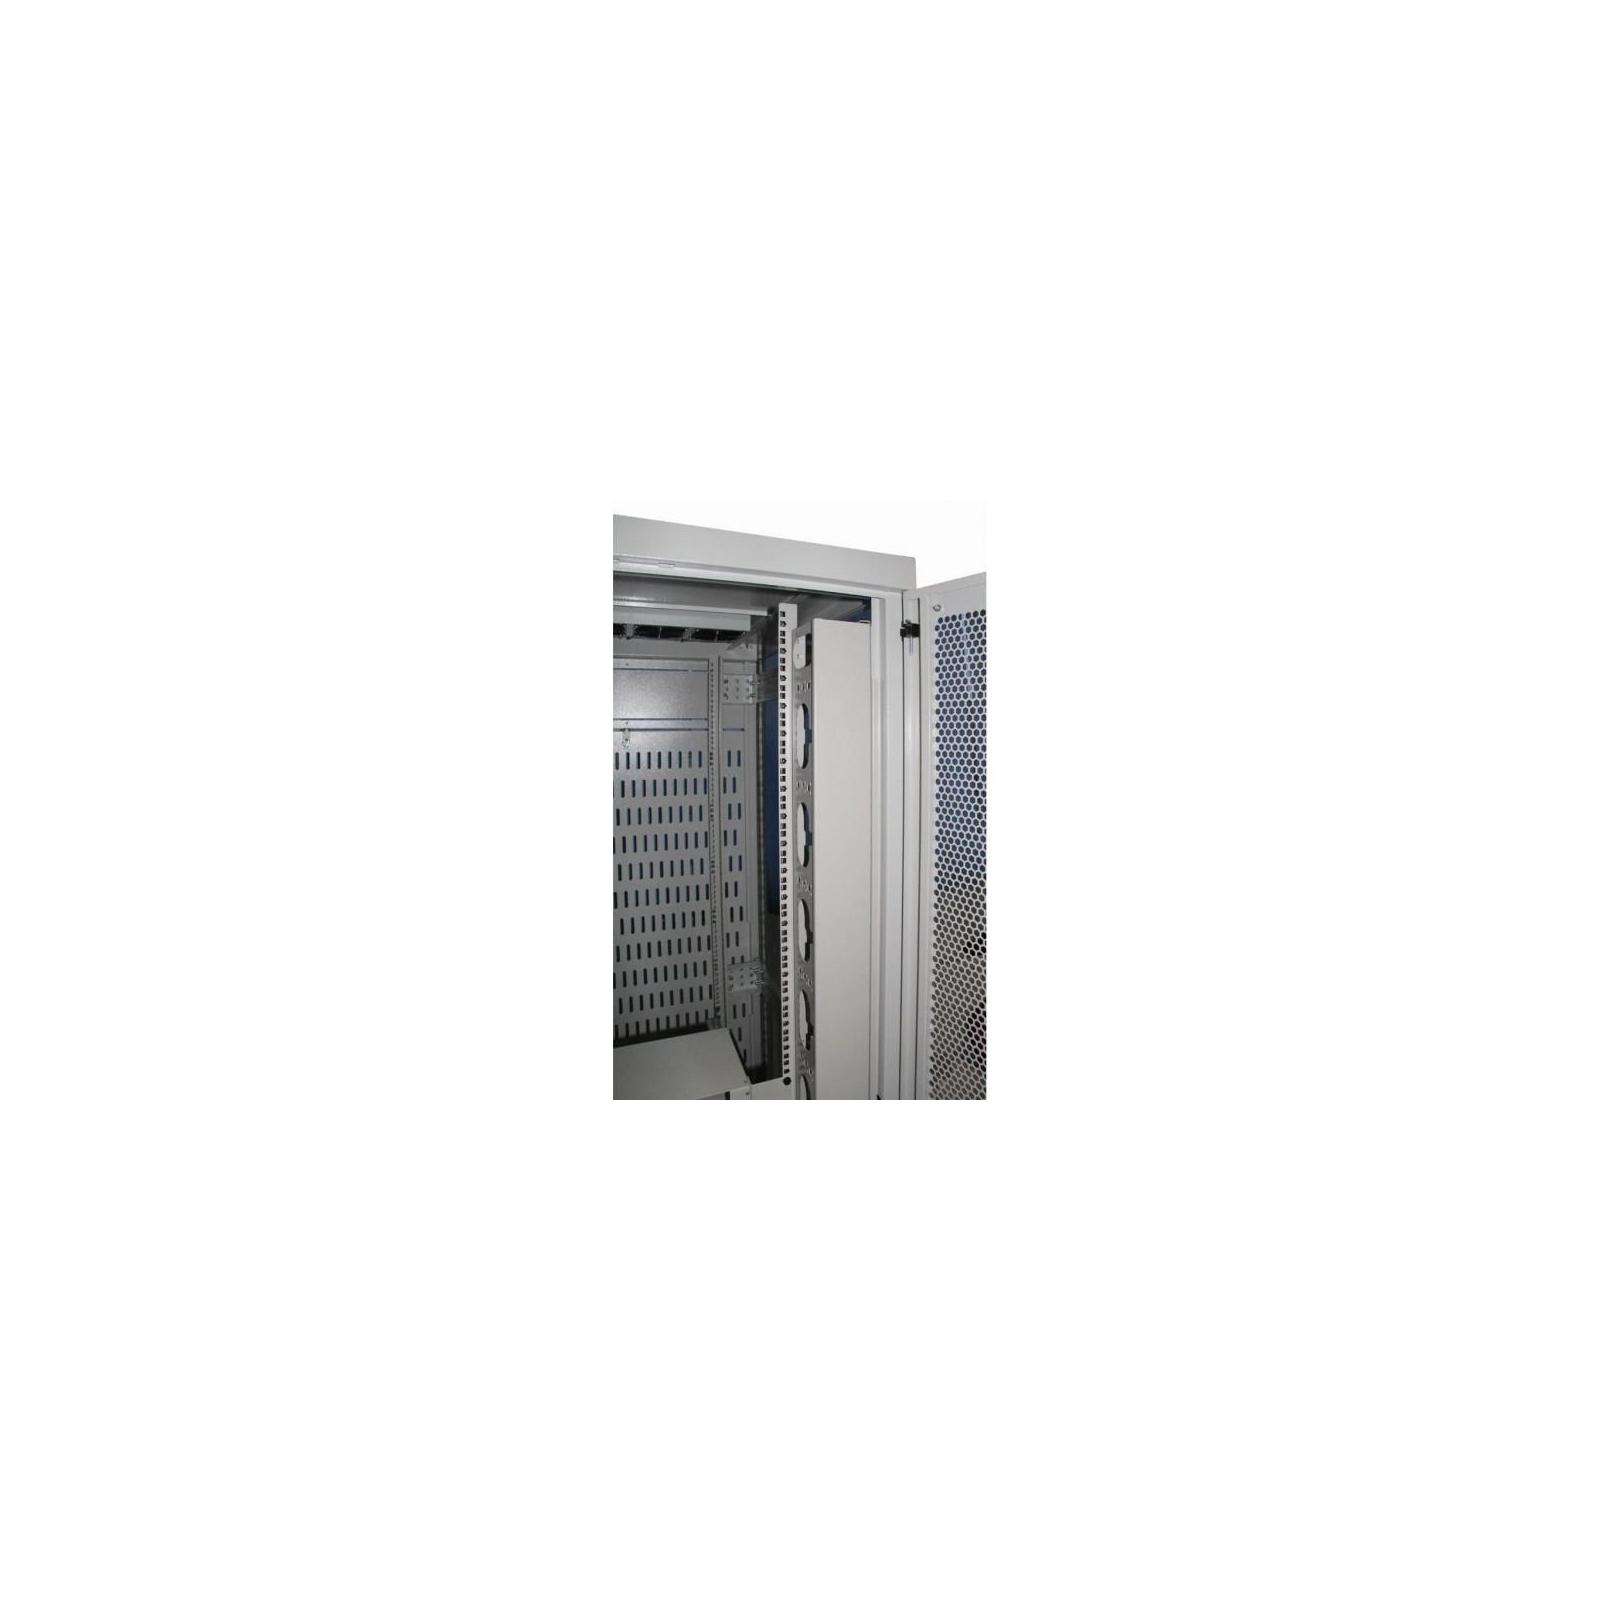 Шкаф напольный CSV 42U Rackmount S 800x1200 Acrylic изображение 8